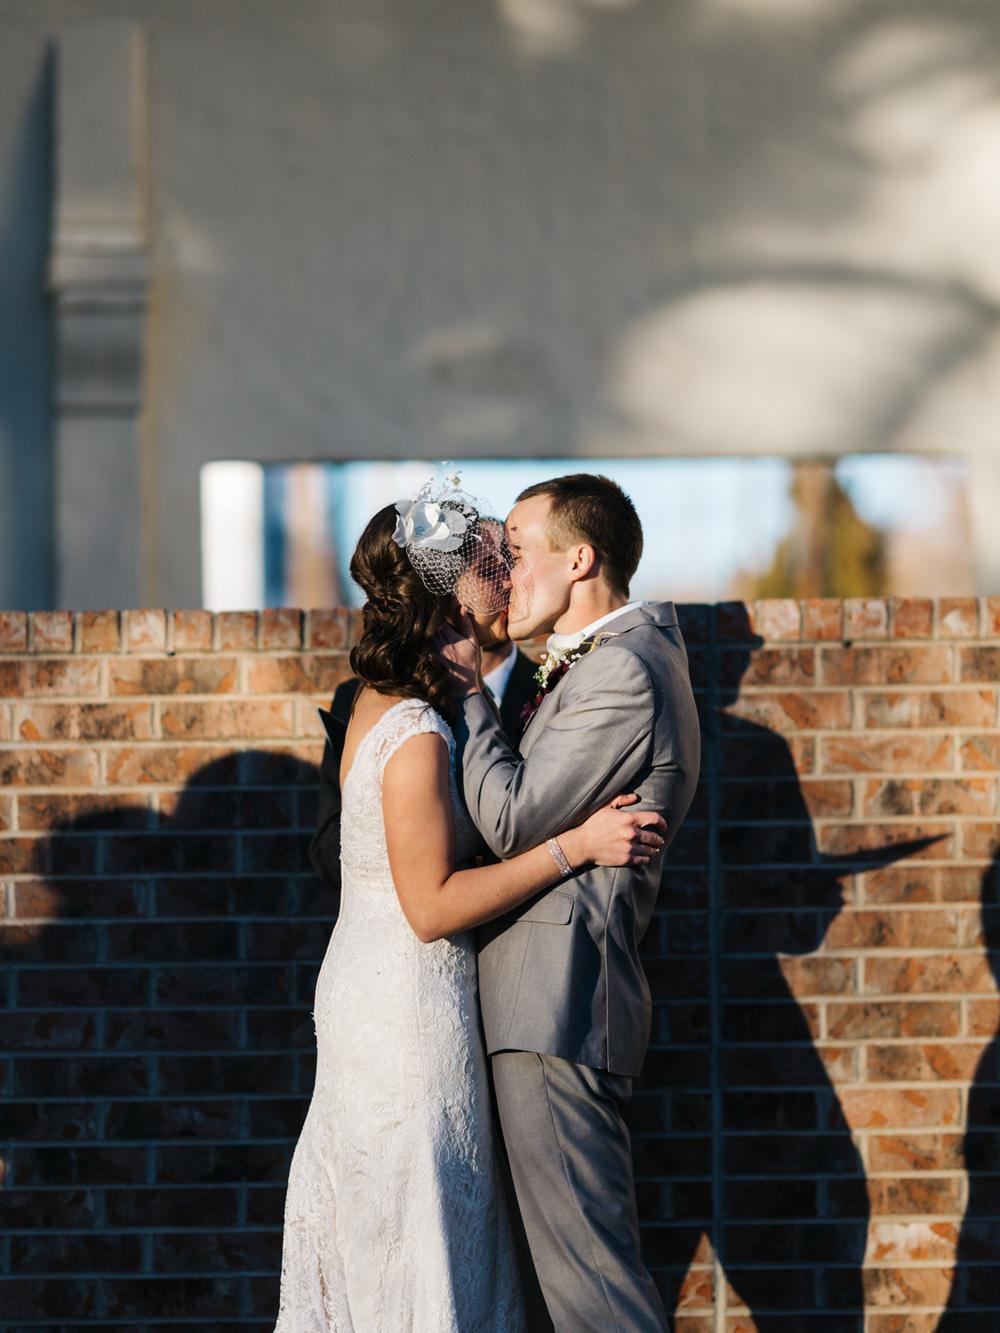 Garden City Wedding Photographer - Neal Dieker - Wichita, Kansas Wedding Photographer-166.jpg